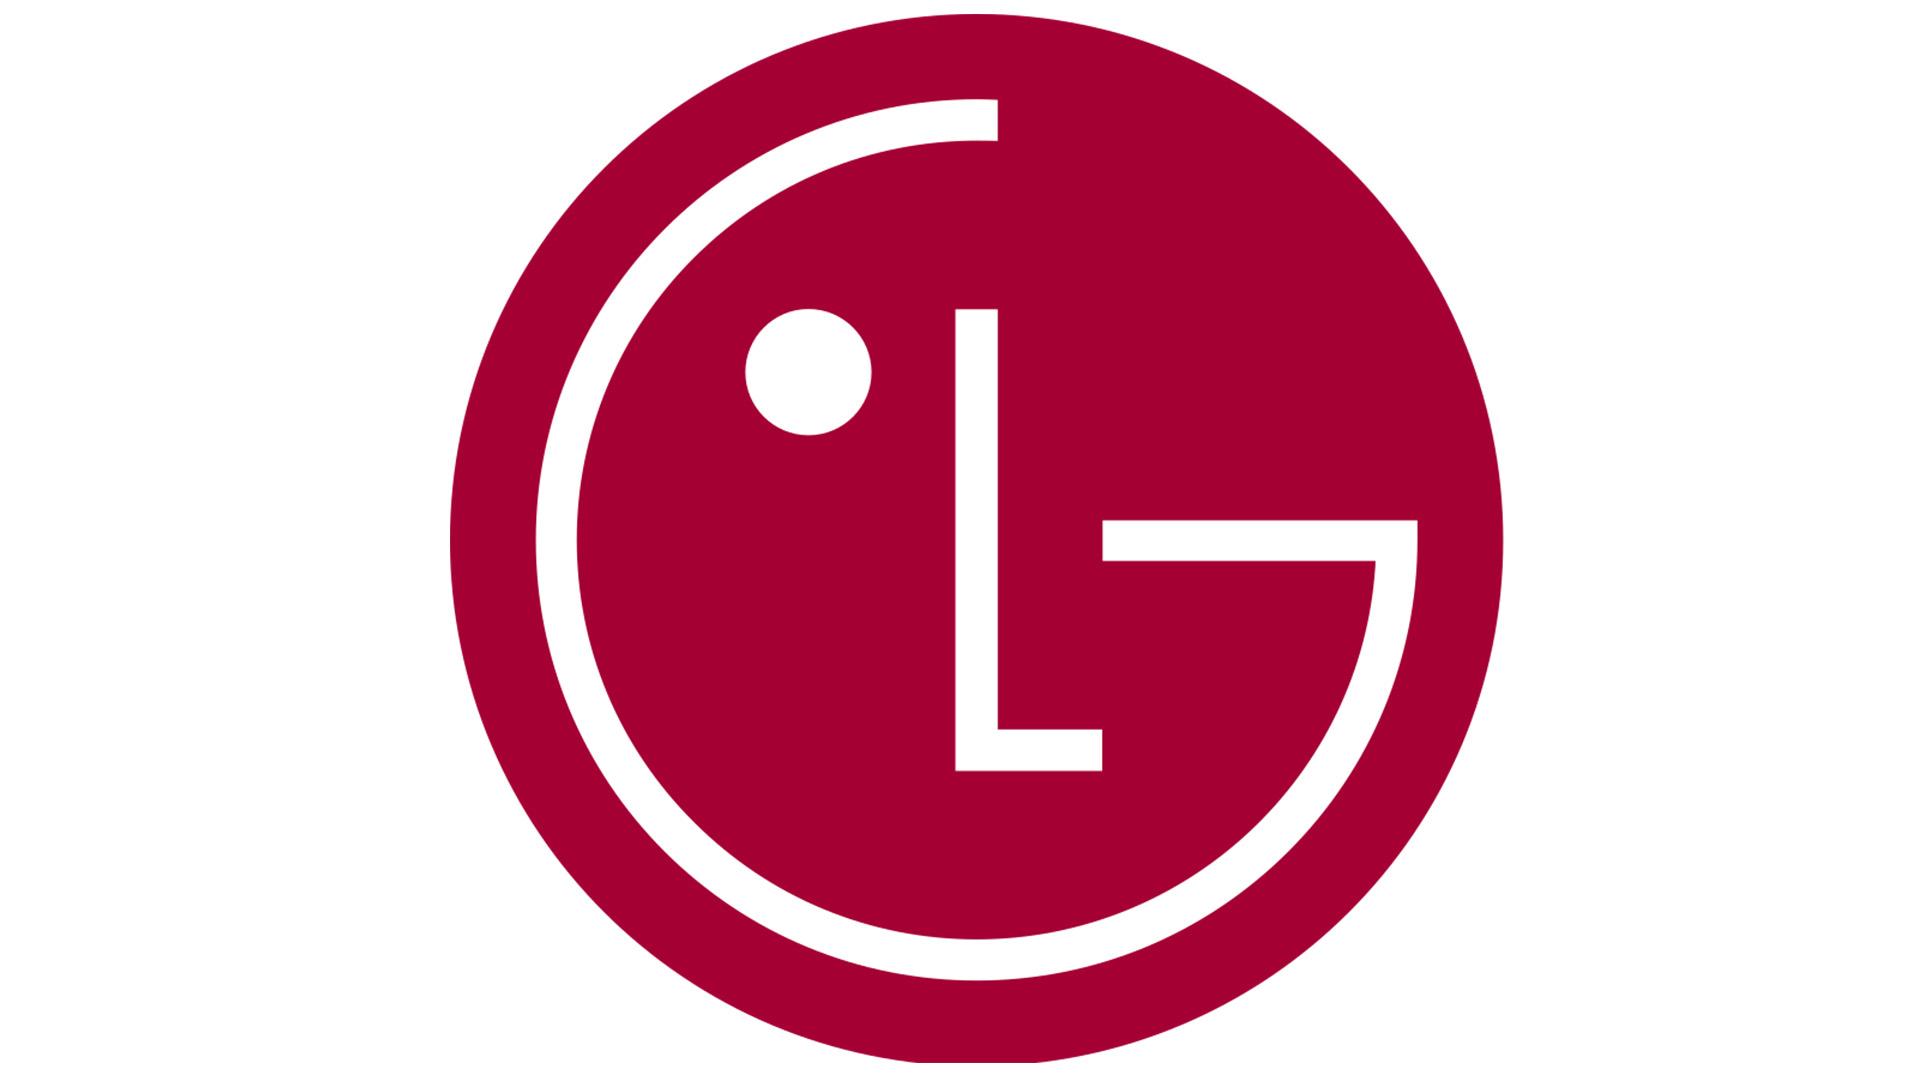 Comment contacter le service après-vente et assistance de LG ?